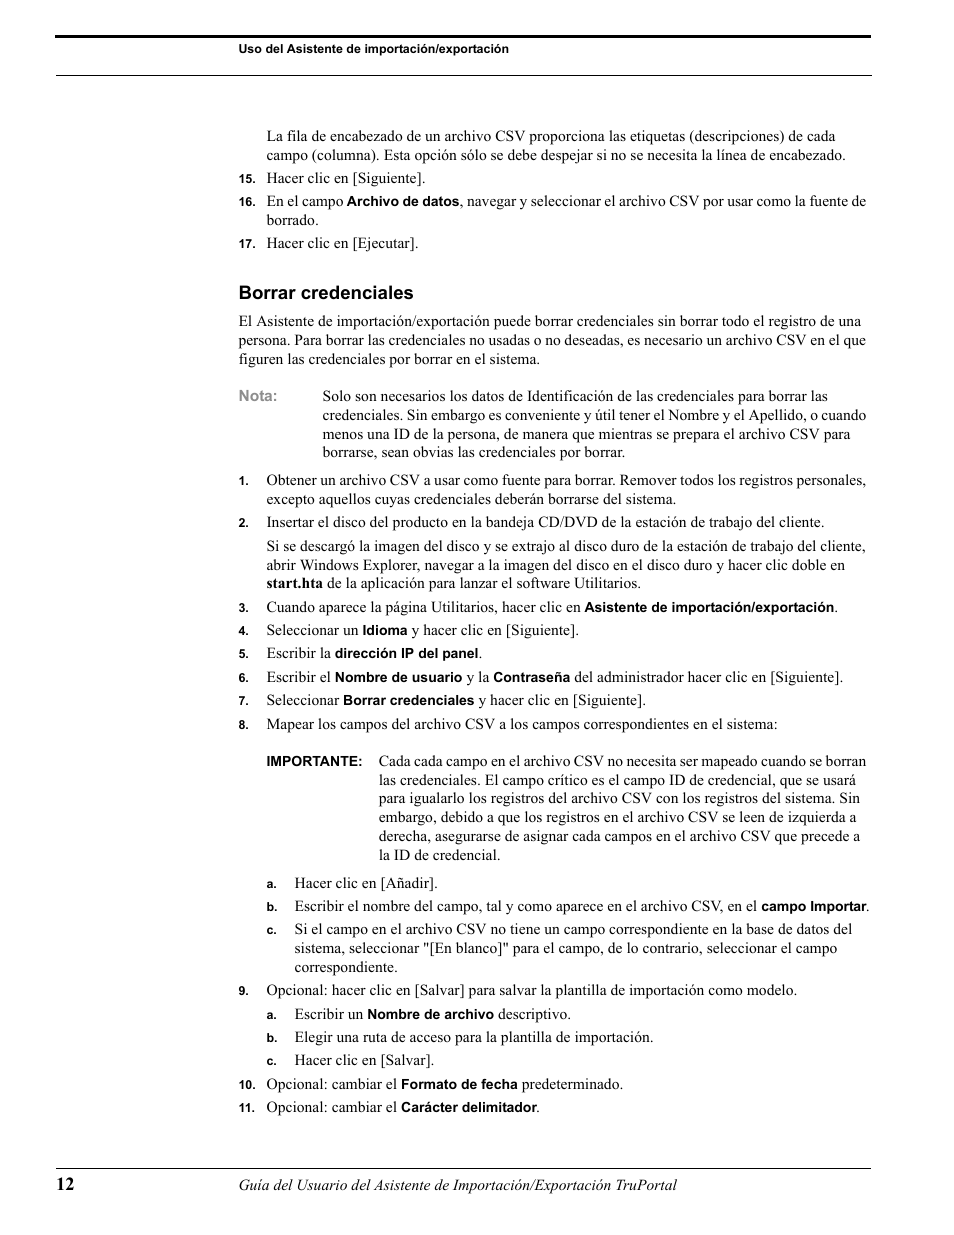 Borrar credenciales | Interlogix TruPortal User Guide Manual del ...